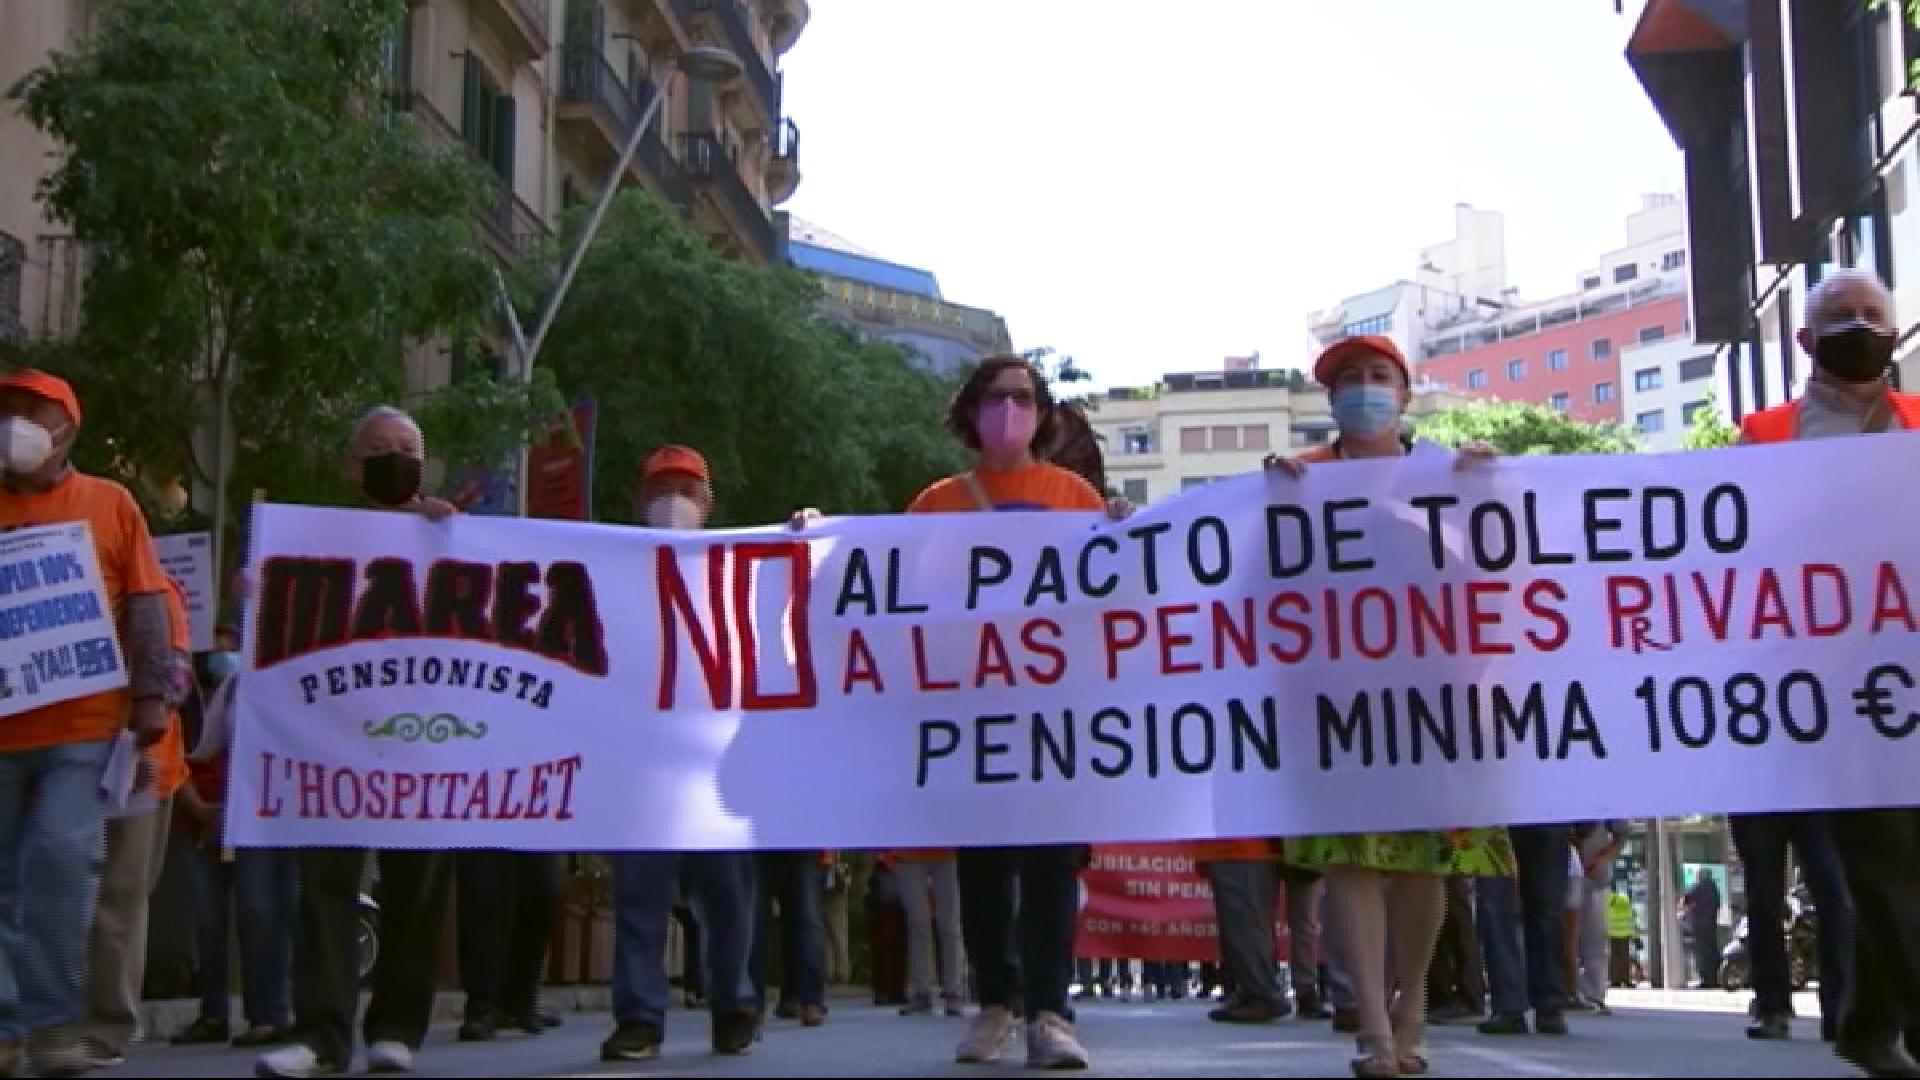 Milers+de+pensionistes+es+manifesten+per+tot+l%27Estat+per+defensar+les+pensions